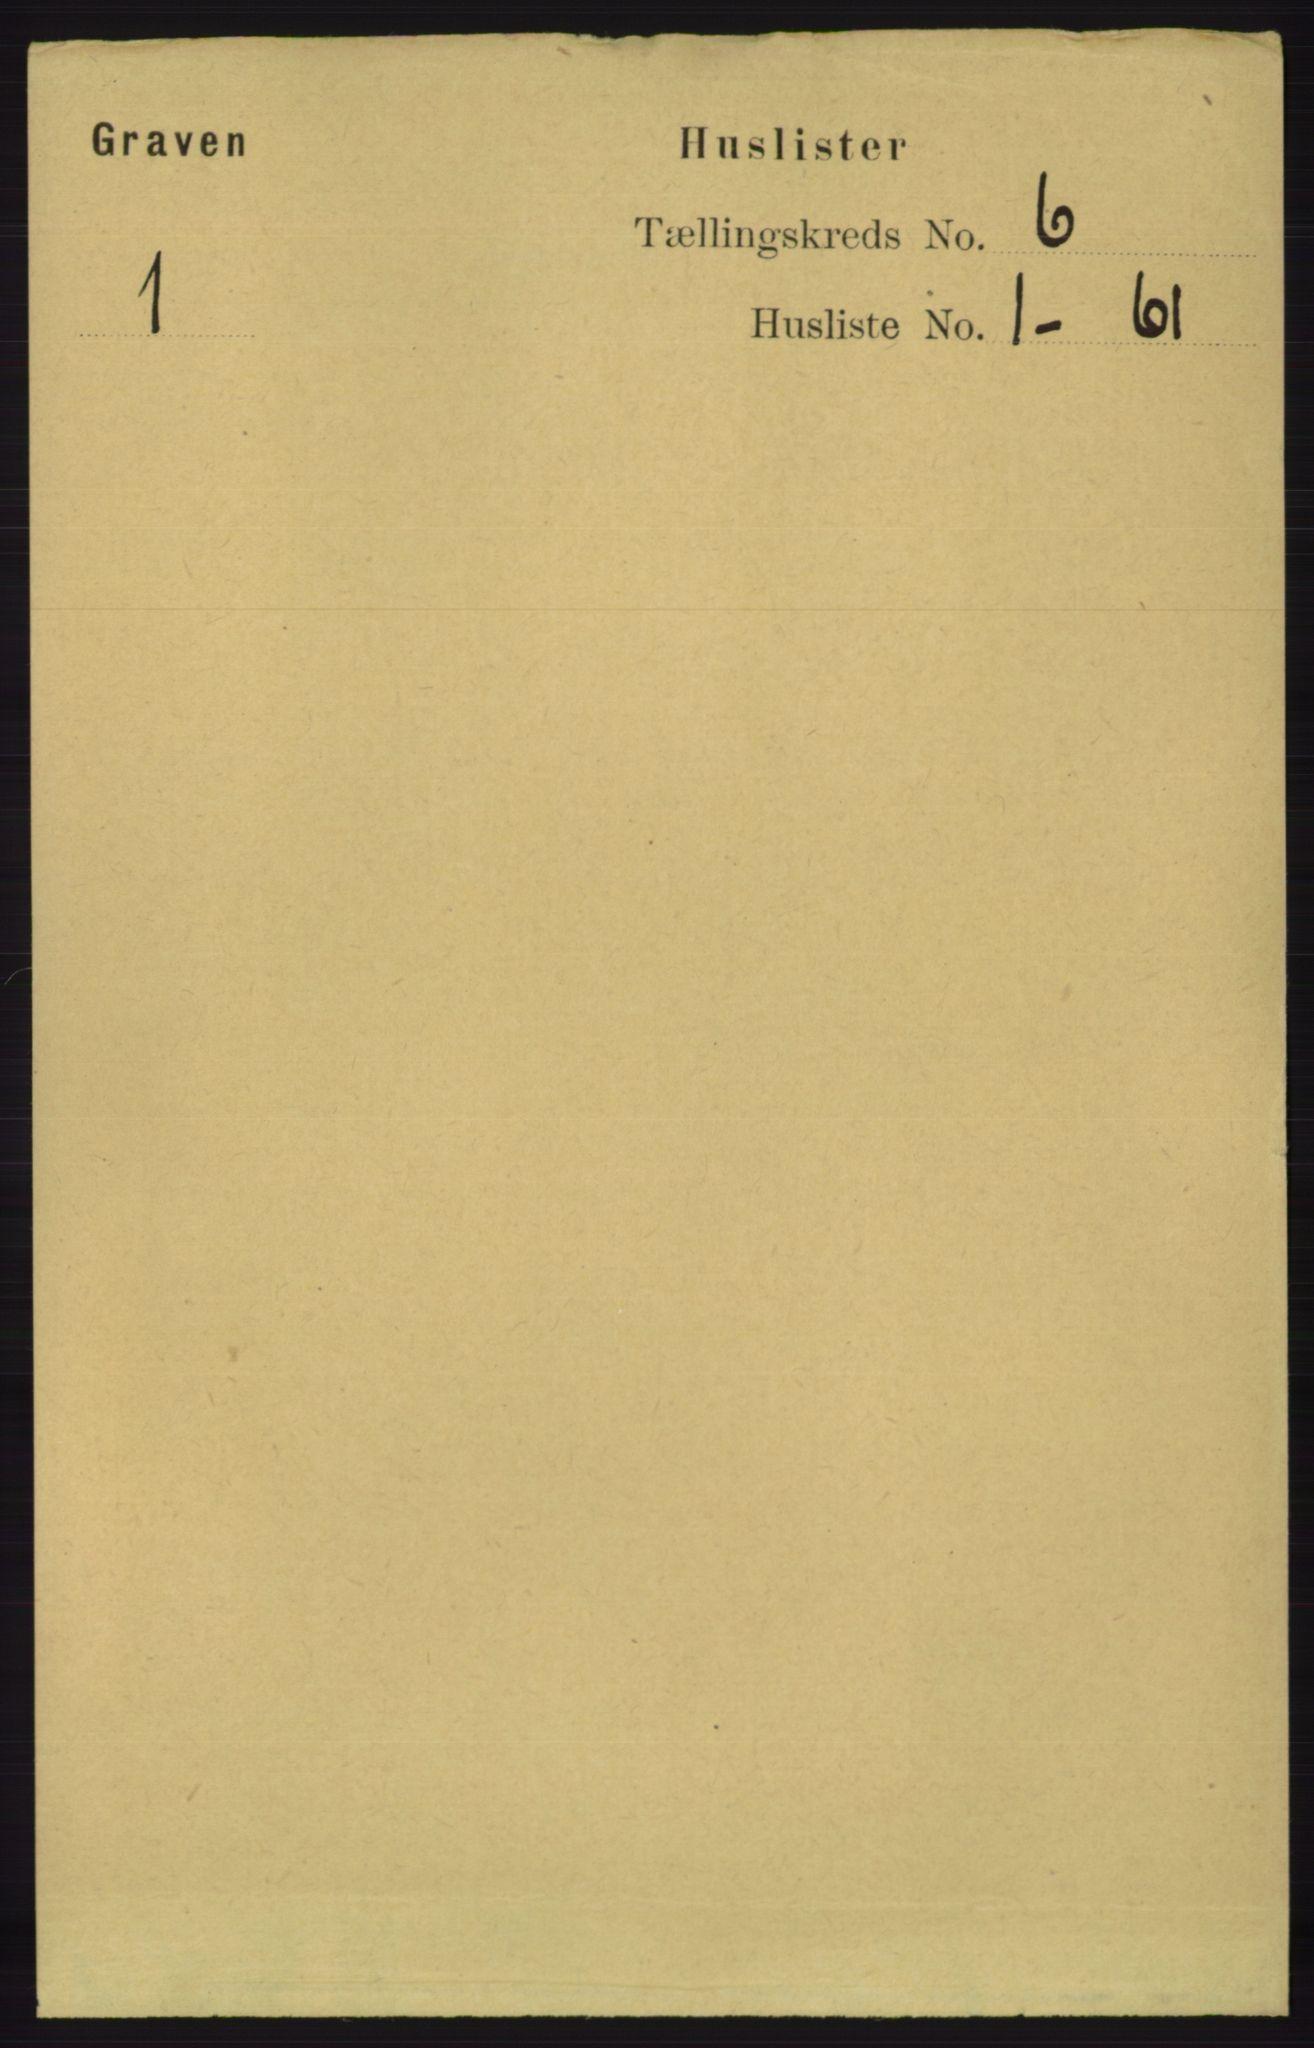 RA, Folketelling 1891 for 1233 Ulvik herred, 1891, s. 1795